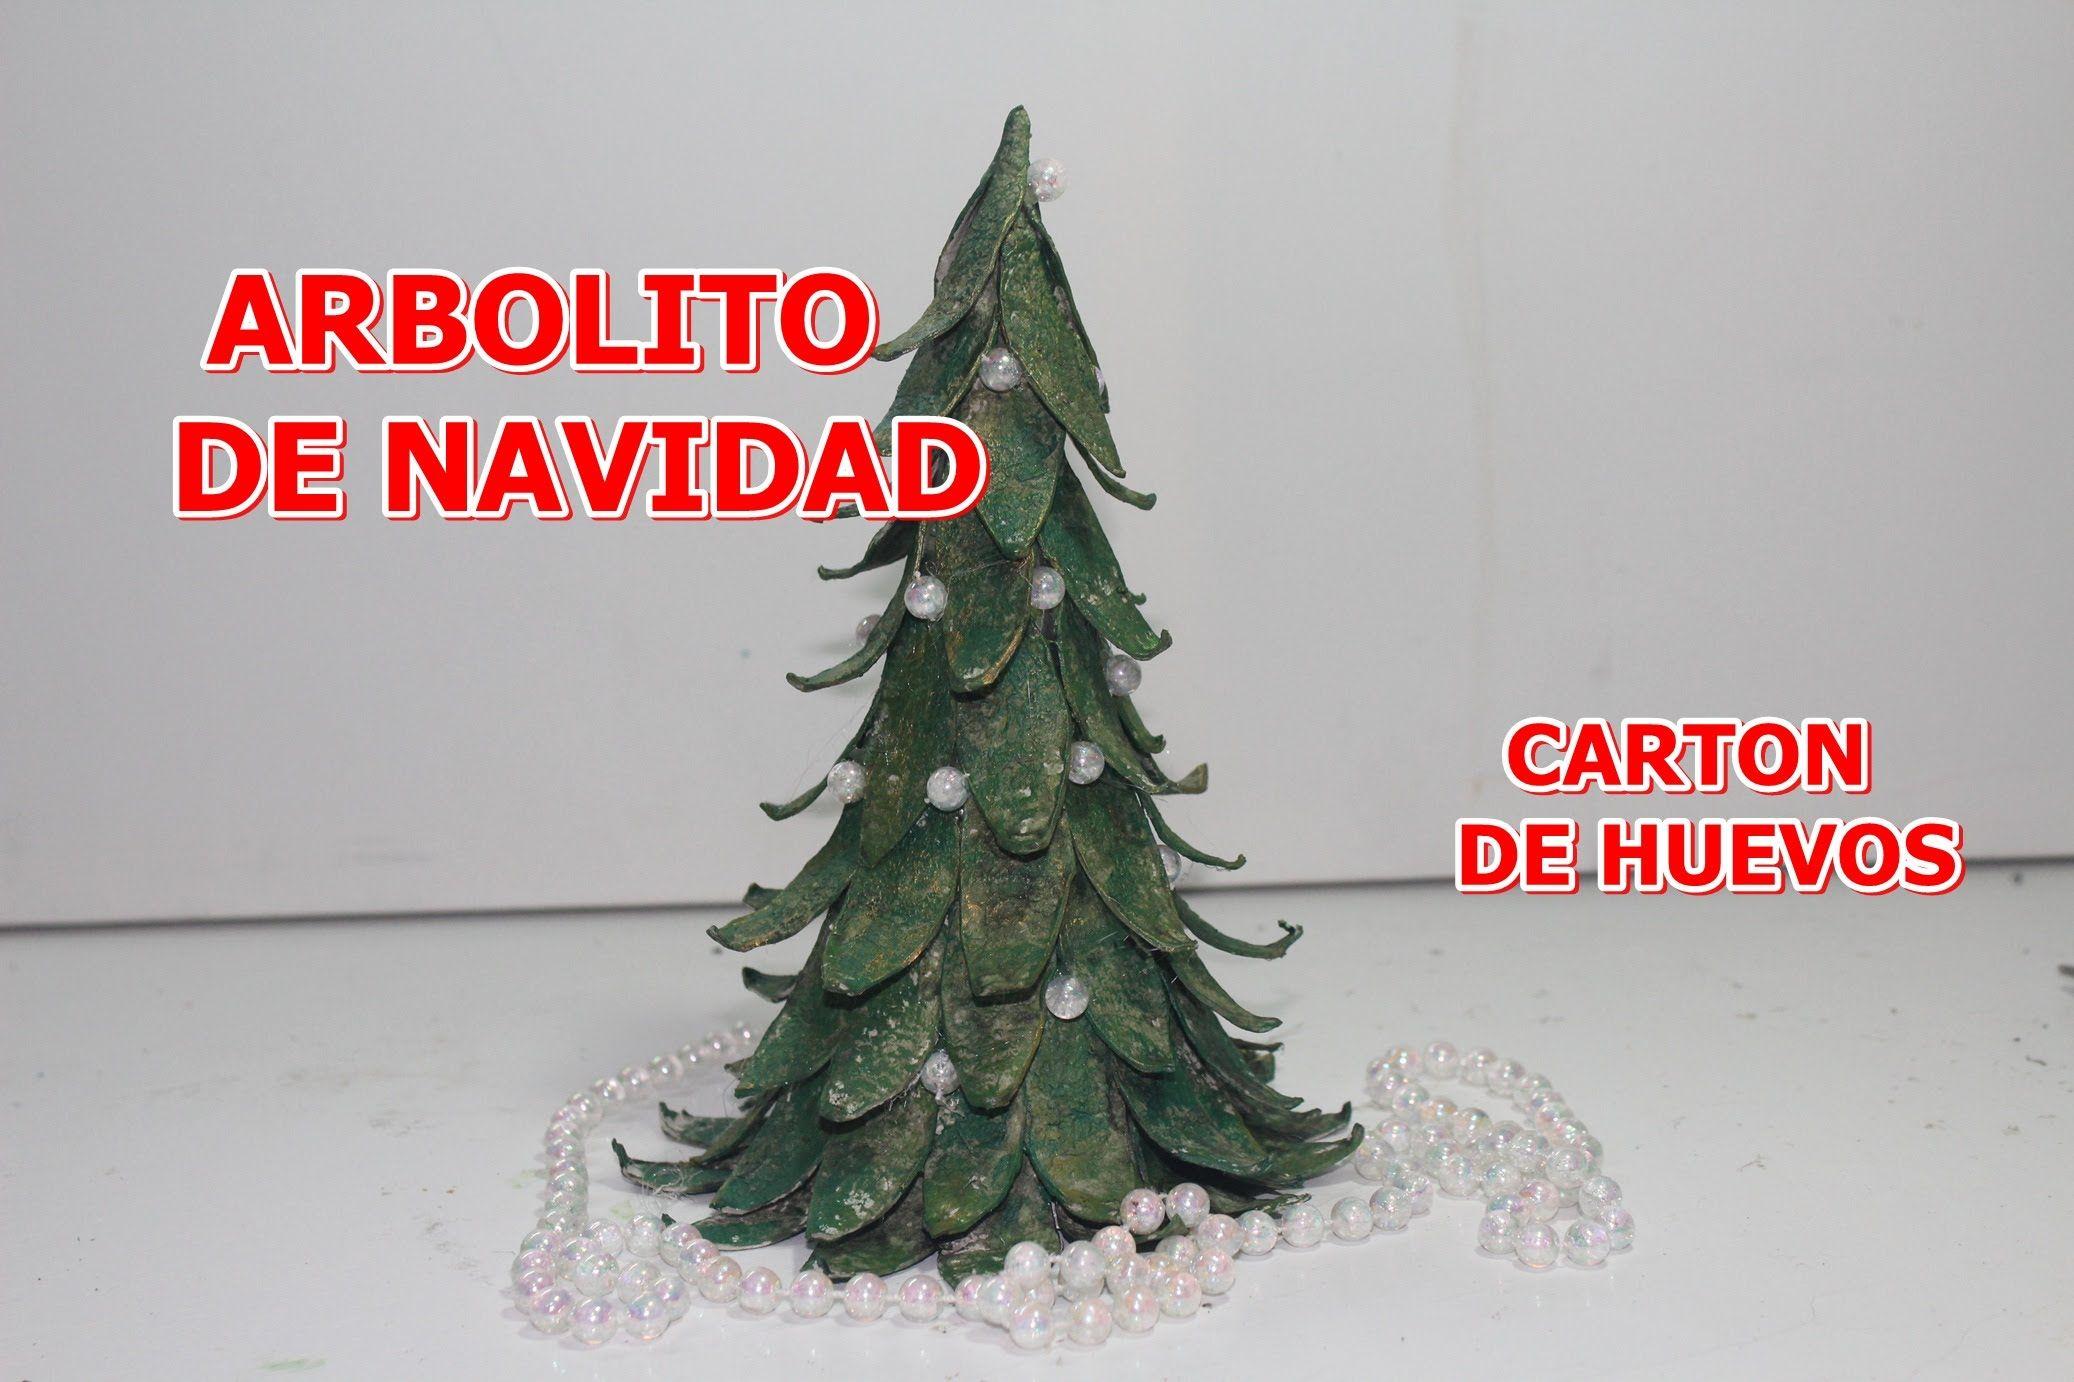 ARBOL DE NAVIDAD CON CARTON DE HUEVOS - Christmas tree with egg ...